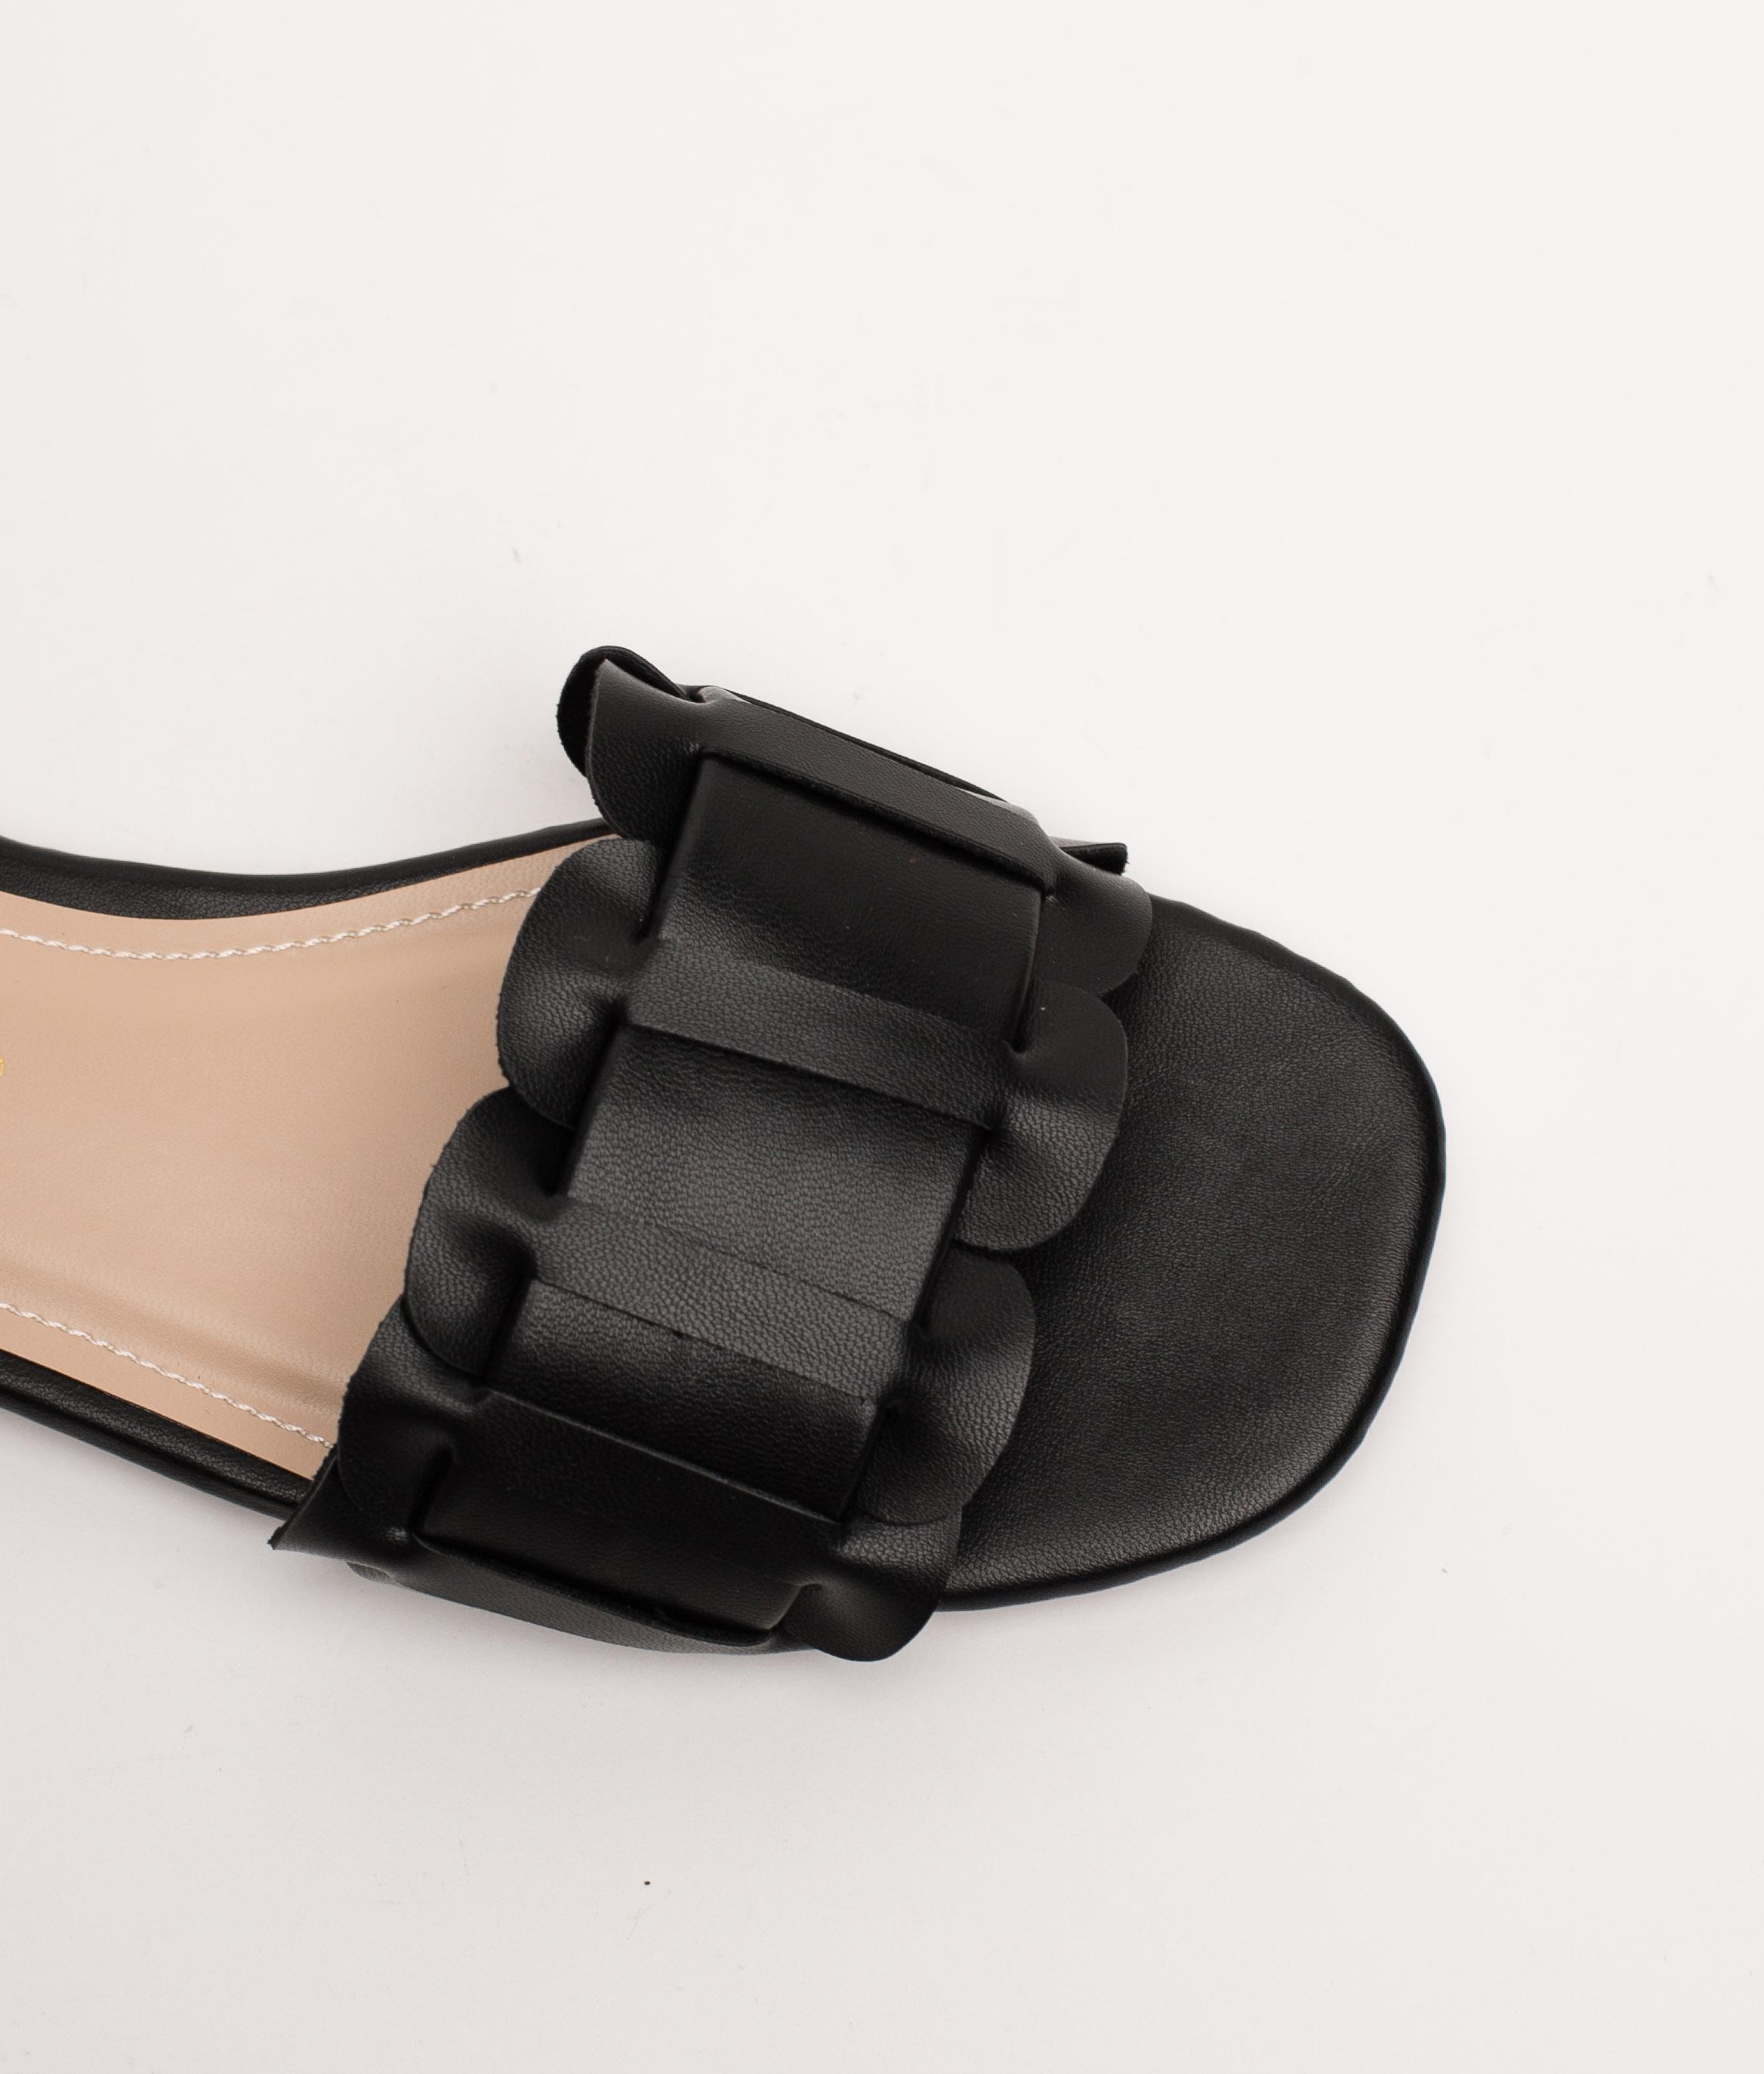 ORURO SANDAL - BLACK